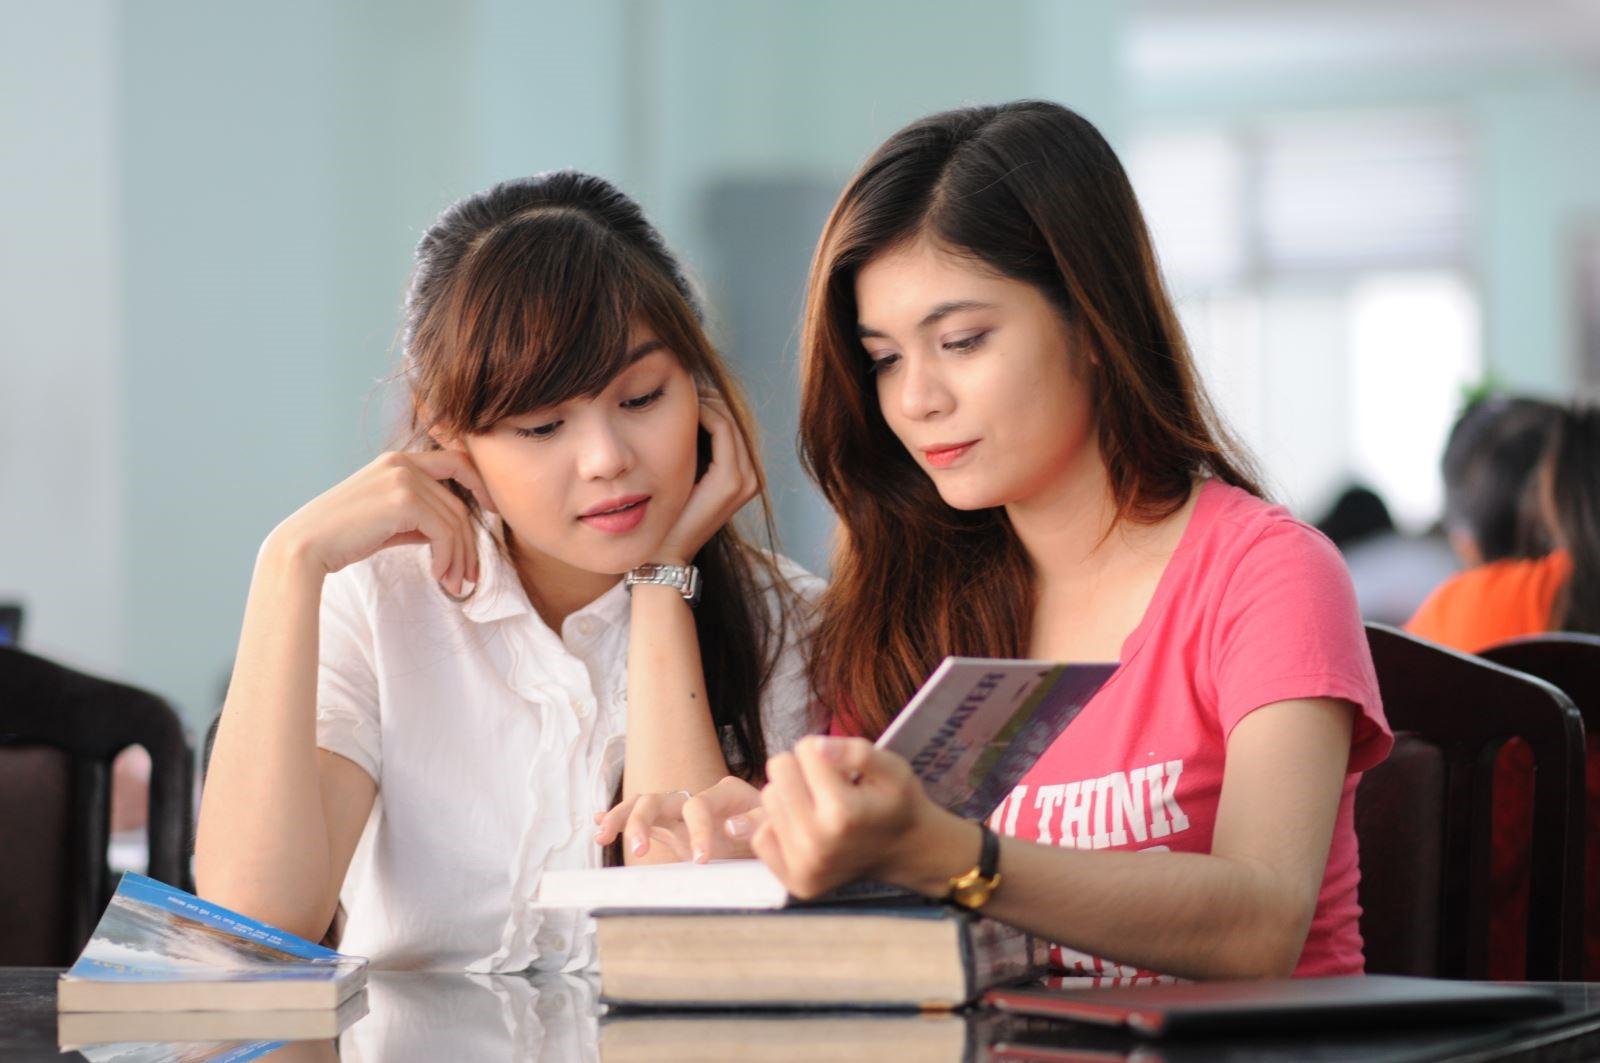 Học sinh có thể tự học tiếng anh, học theo nhóm hay học tại các trung tâm